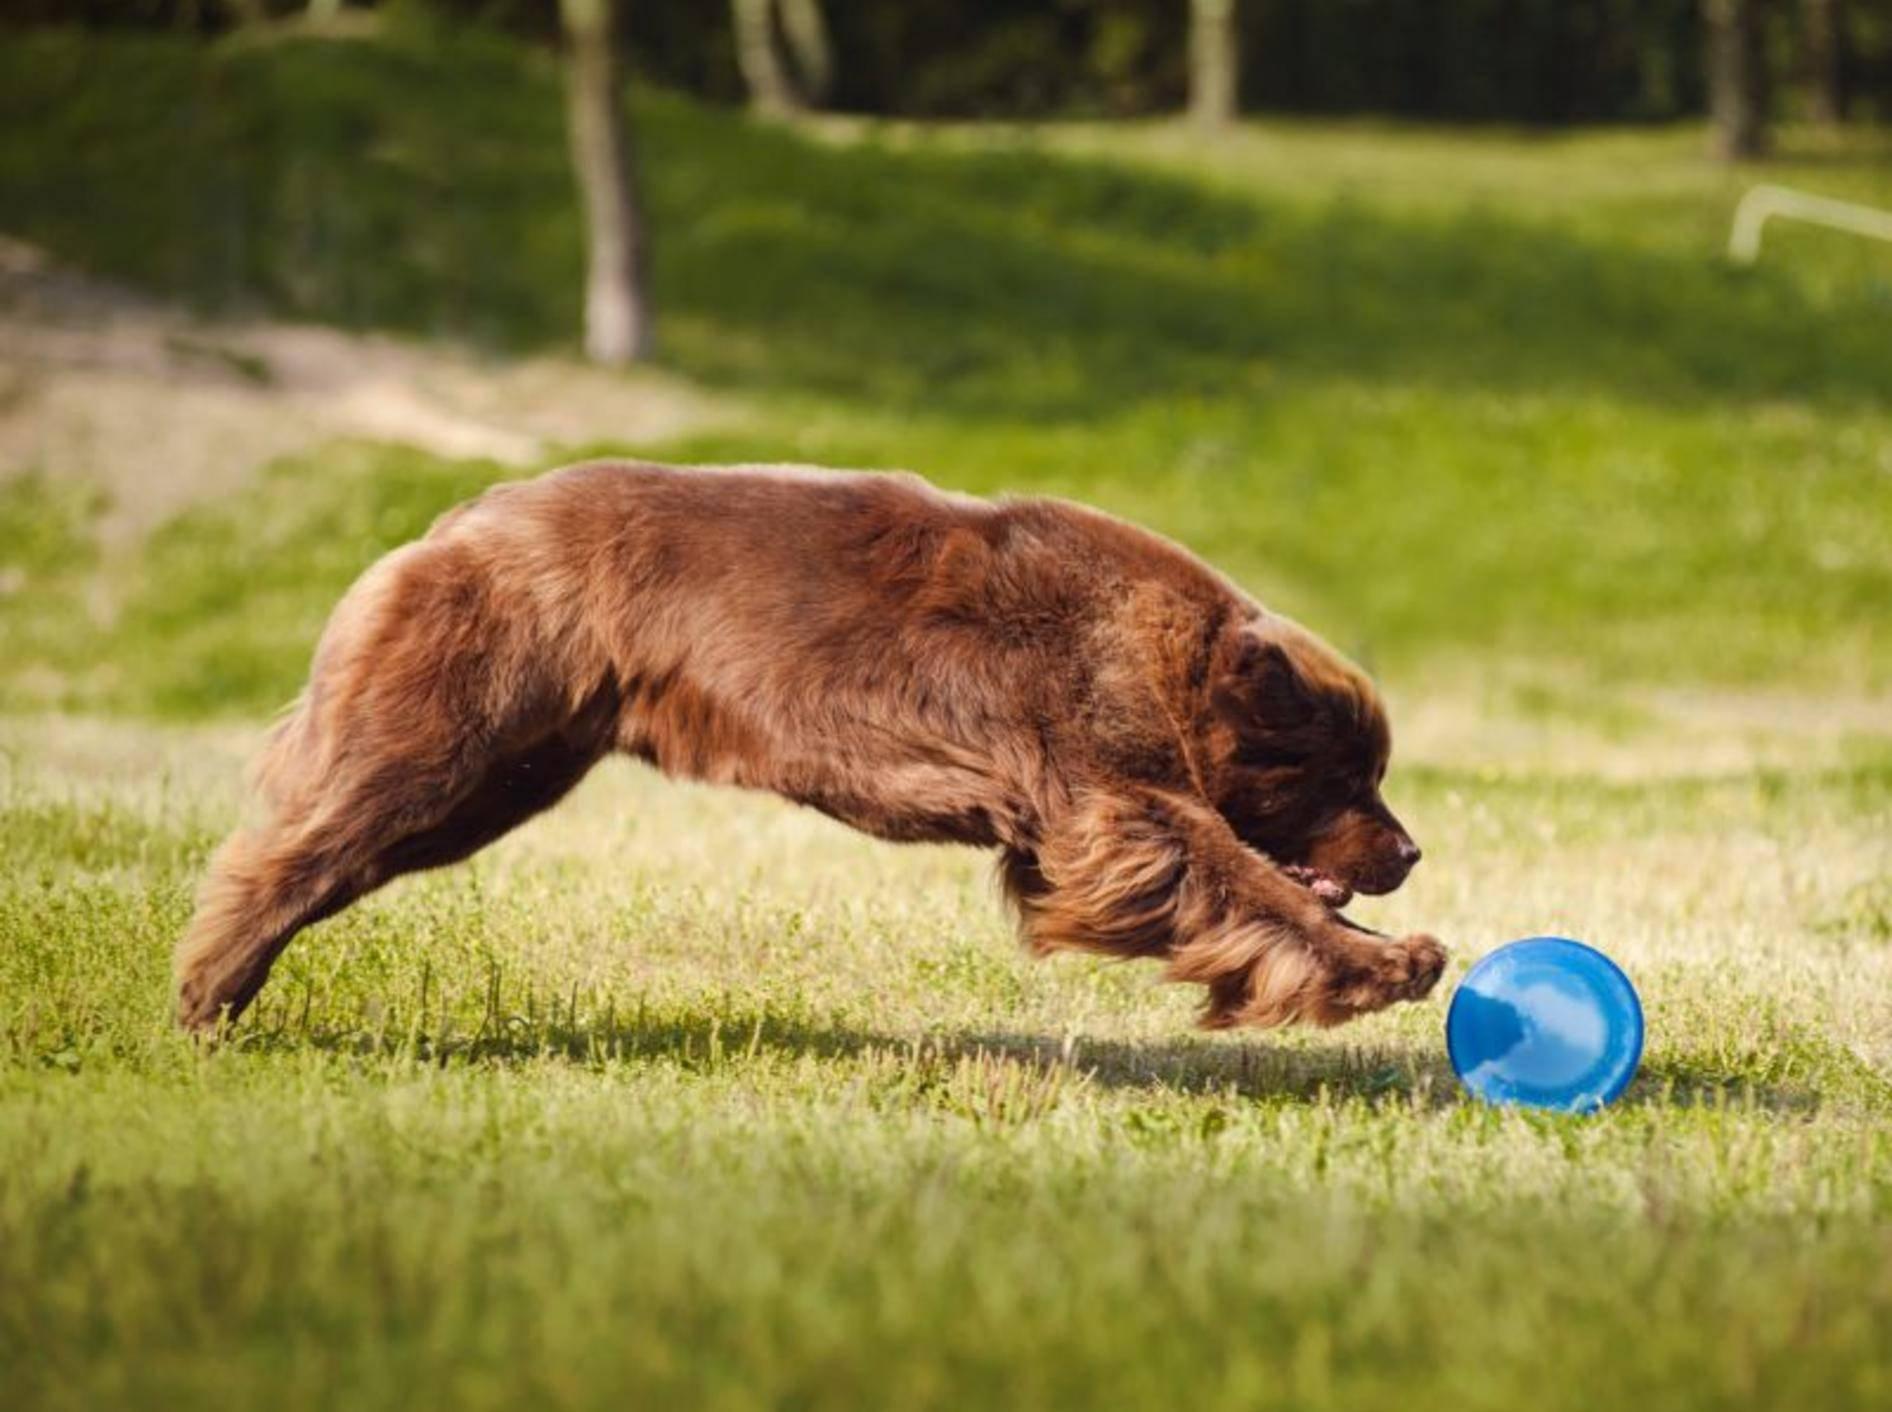 Spielen macht Spaß! Normalerweise ist der Neufundländer aber eher ruhig – Bild: Shutterstock / Ksenia Raykova